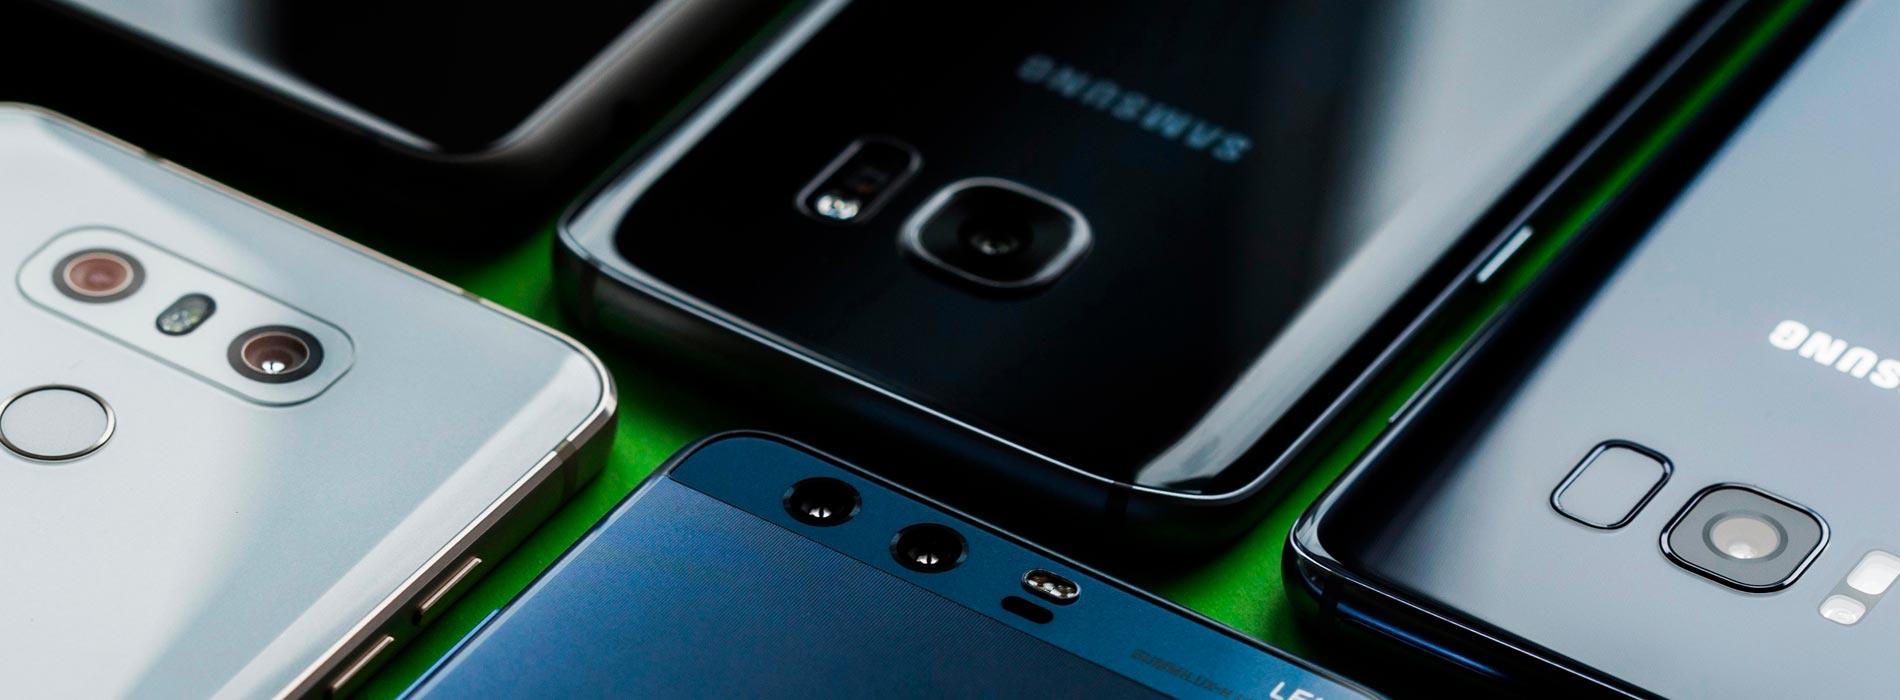 Os melhores smartphones de 2018: veja os destaques em diferentes categorias